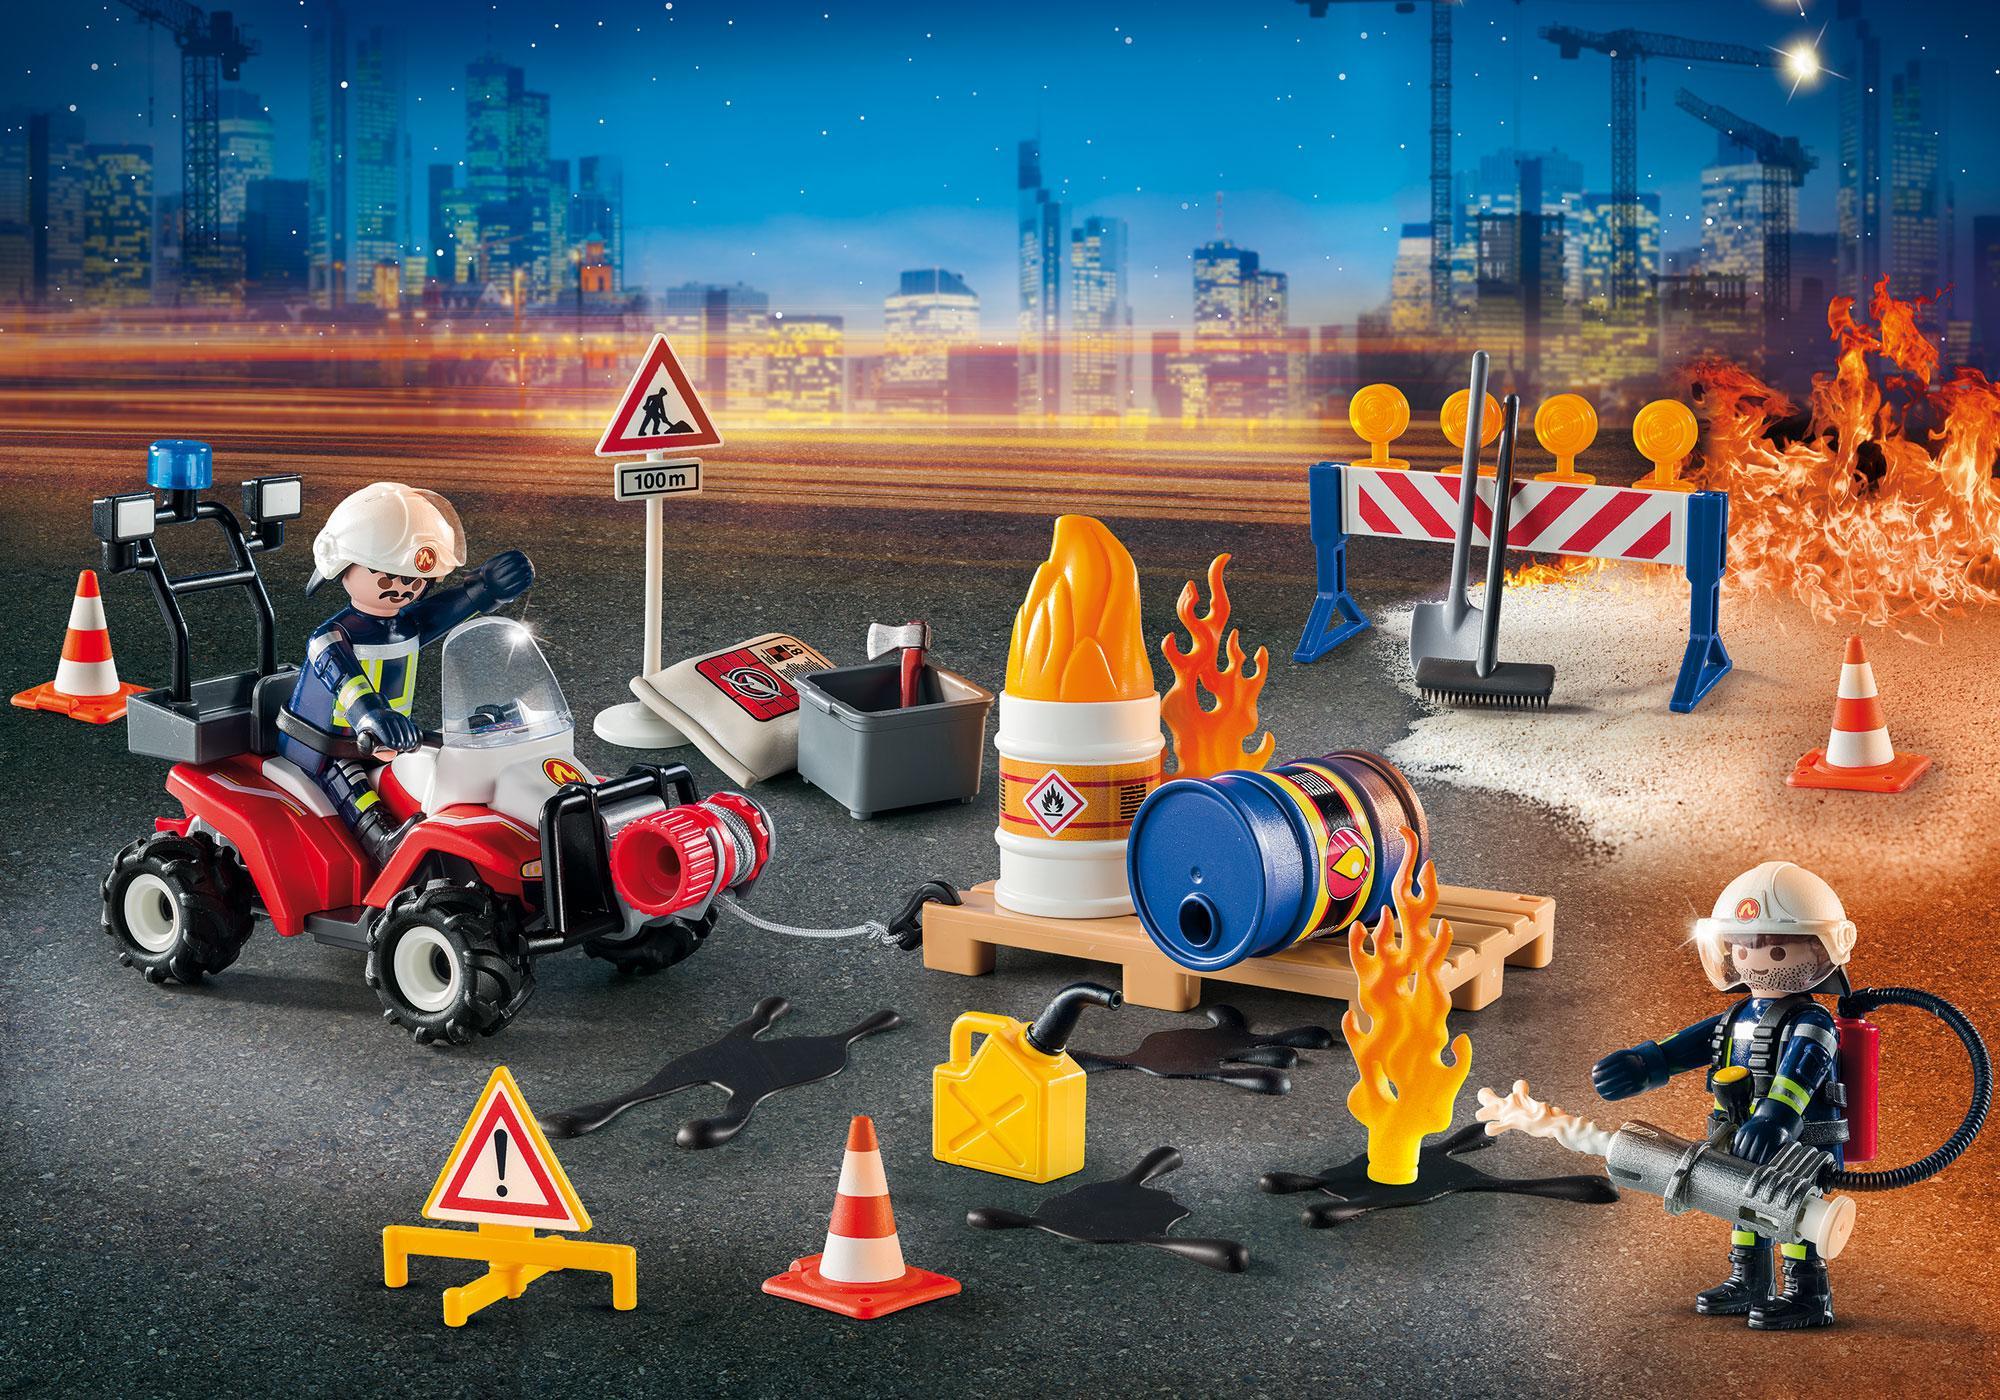 """http://media.playmobil.com/i/playmobil/9486_product_extra1/Kalendarz adwentowy """"Akcja straży pożarnej na placu budowy"""""""